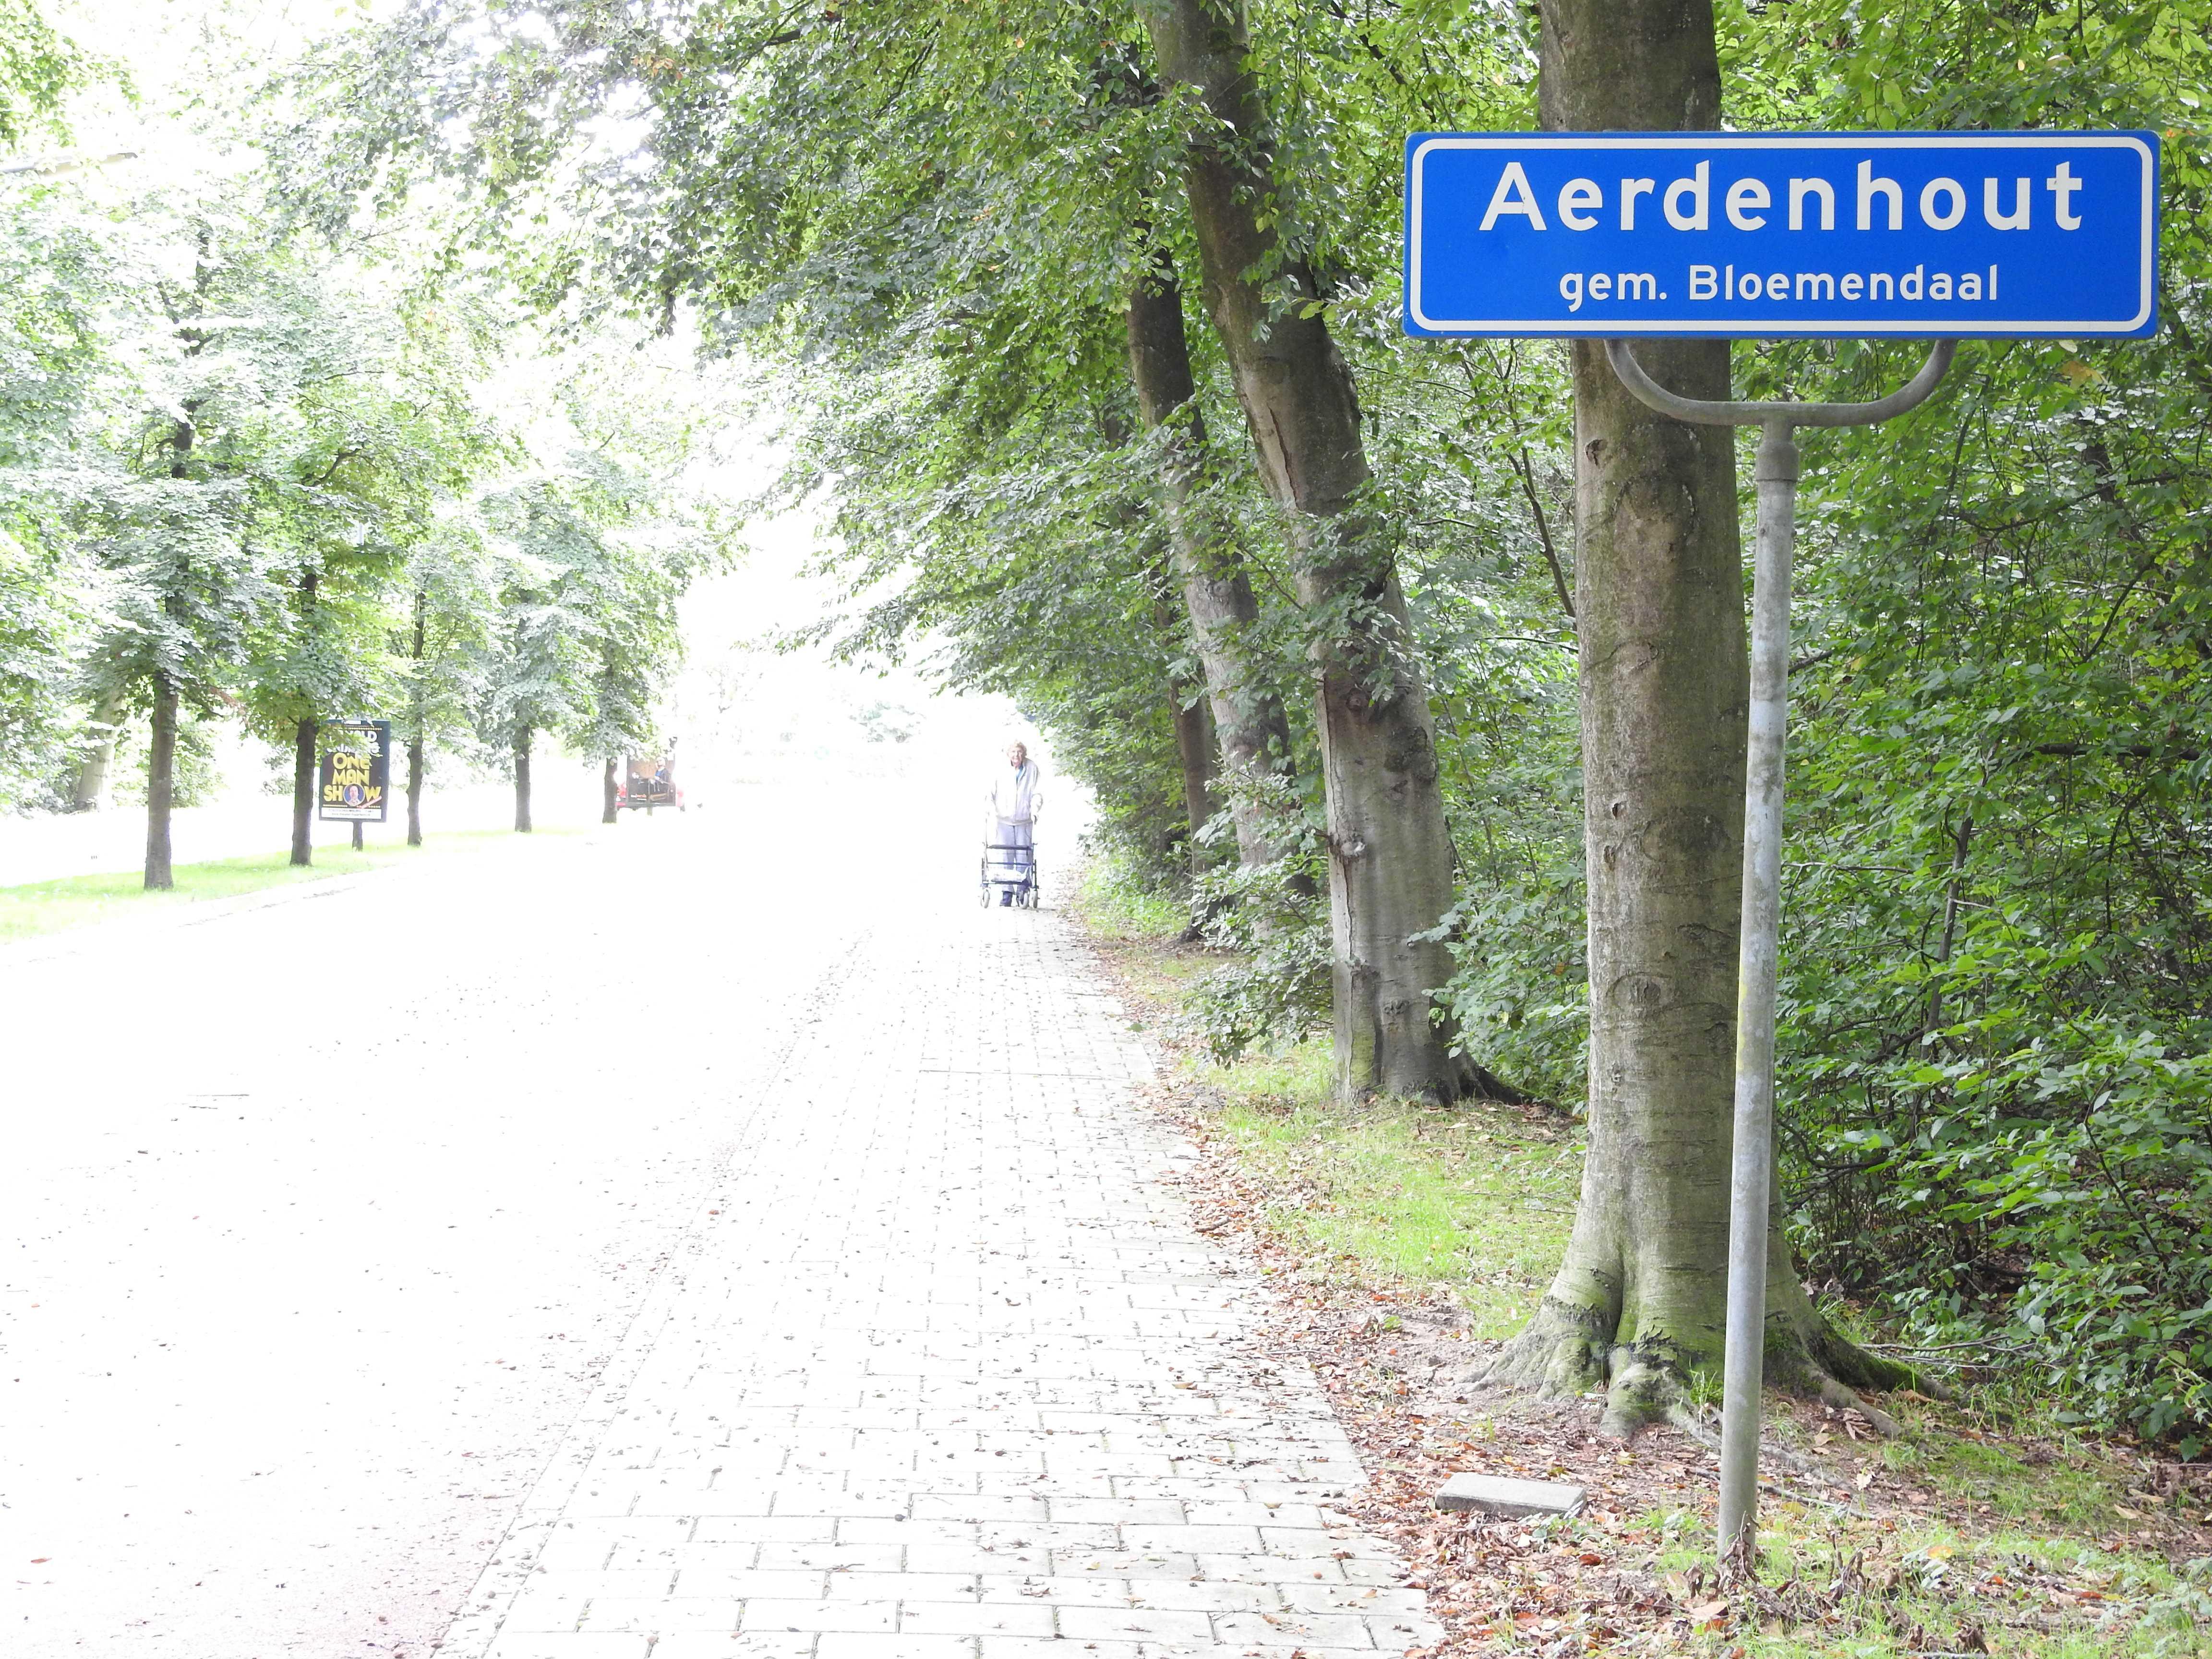 Aerdenhout